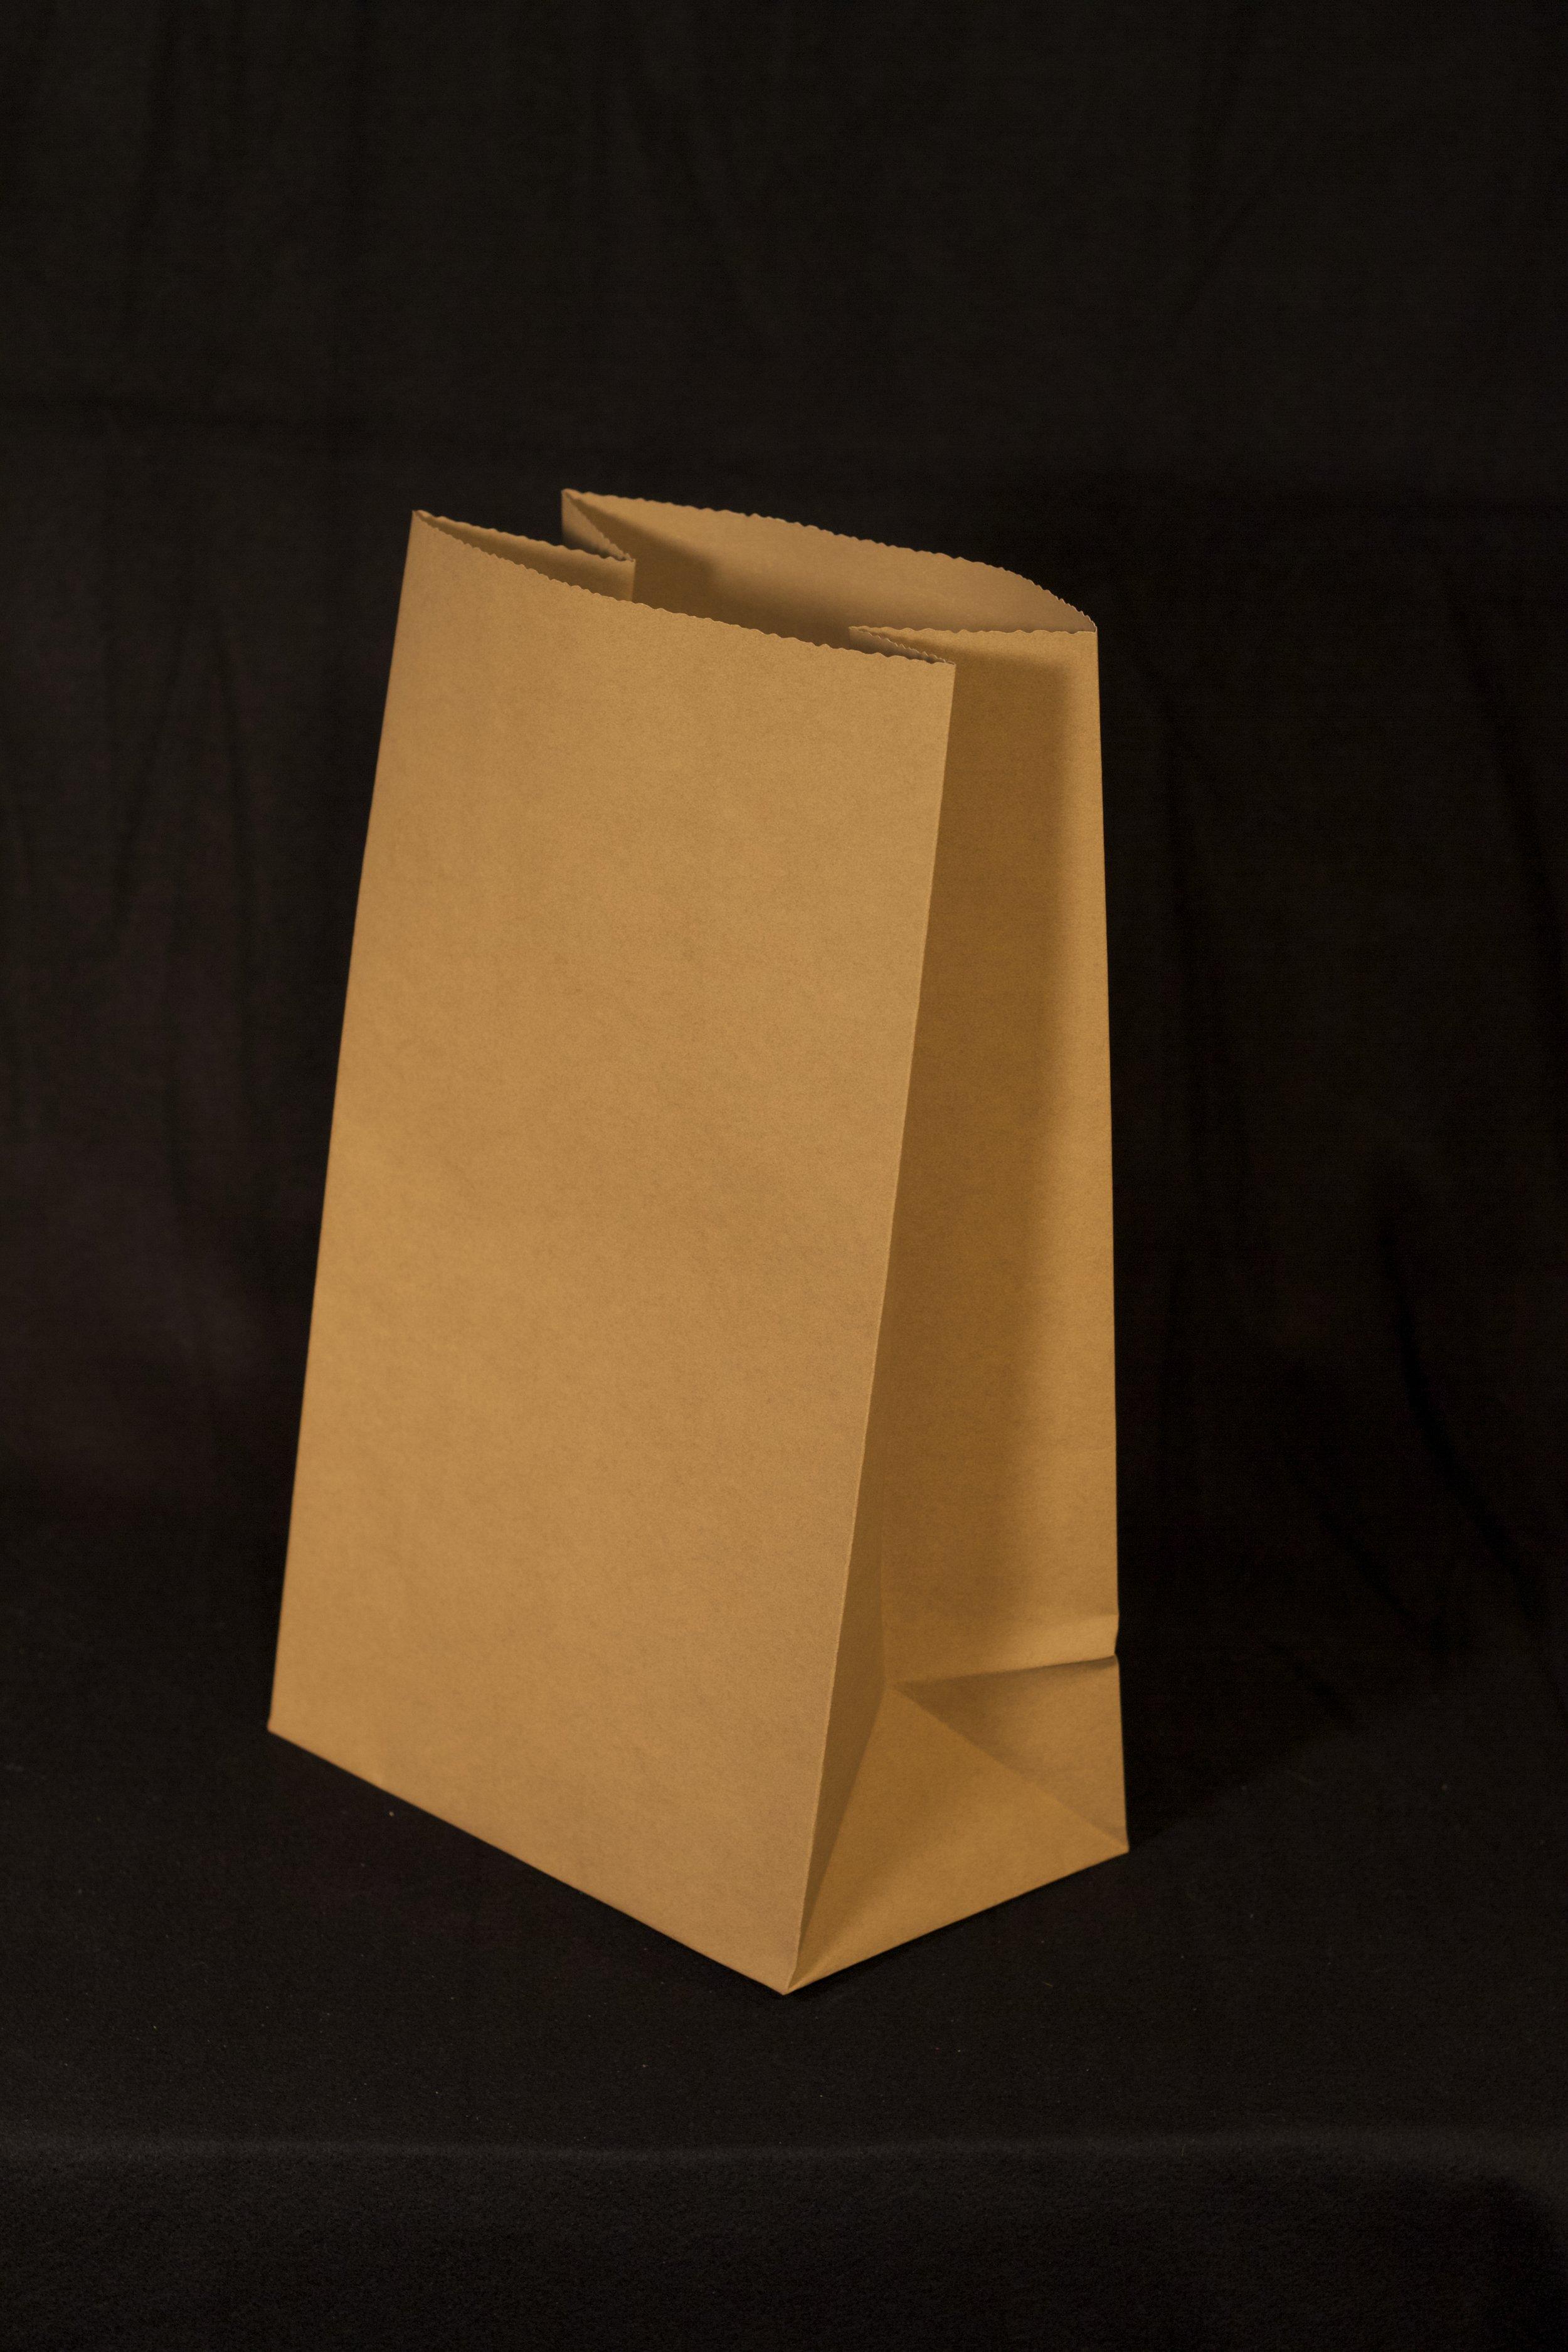 SILENT BAKERY BAG7 WIDE X 4 1/2 DEEP X 12 1/2 TALL